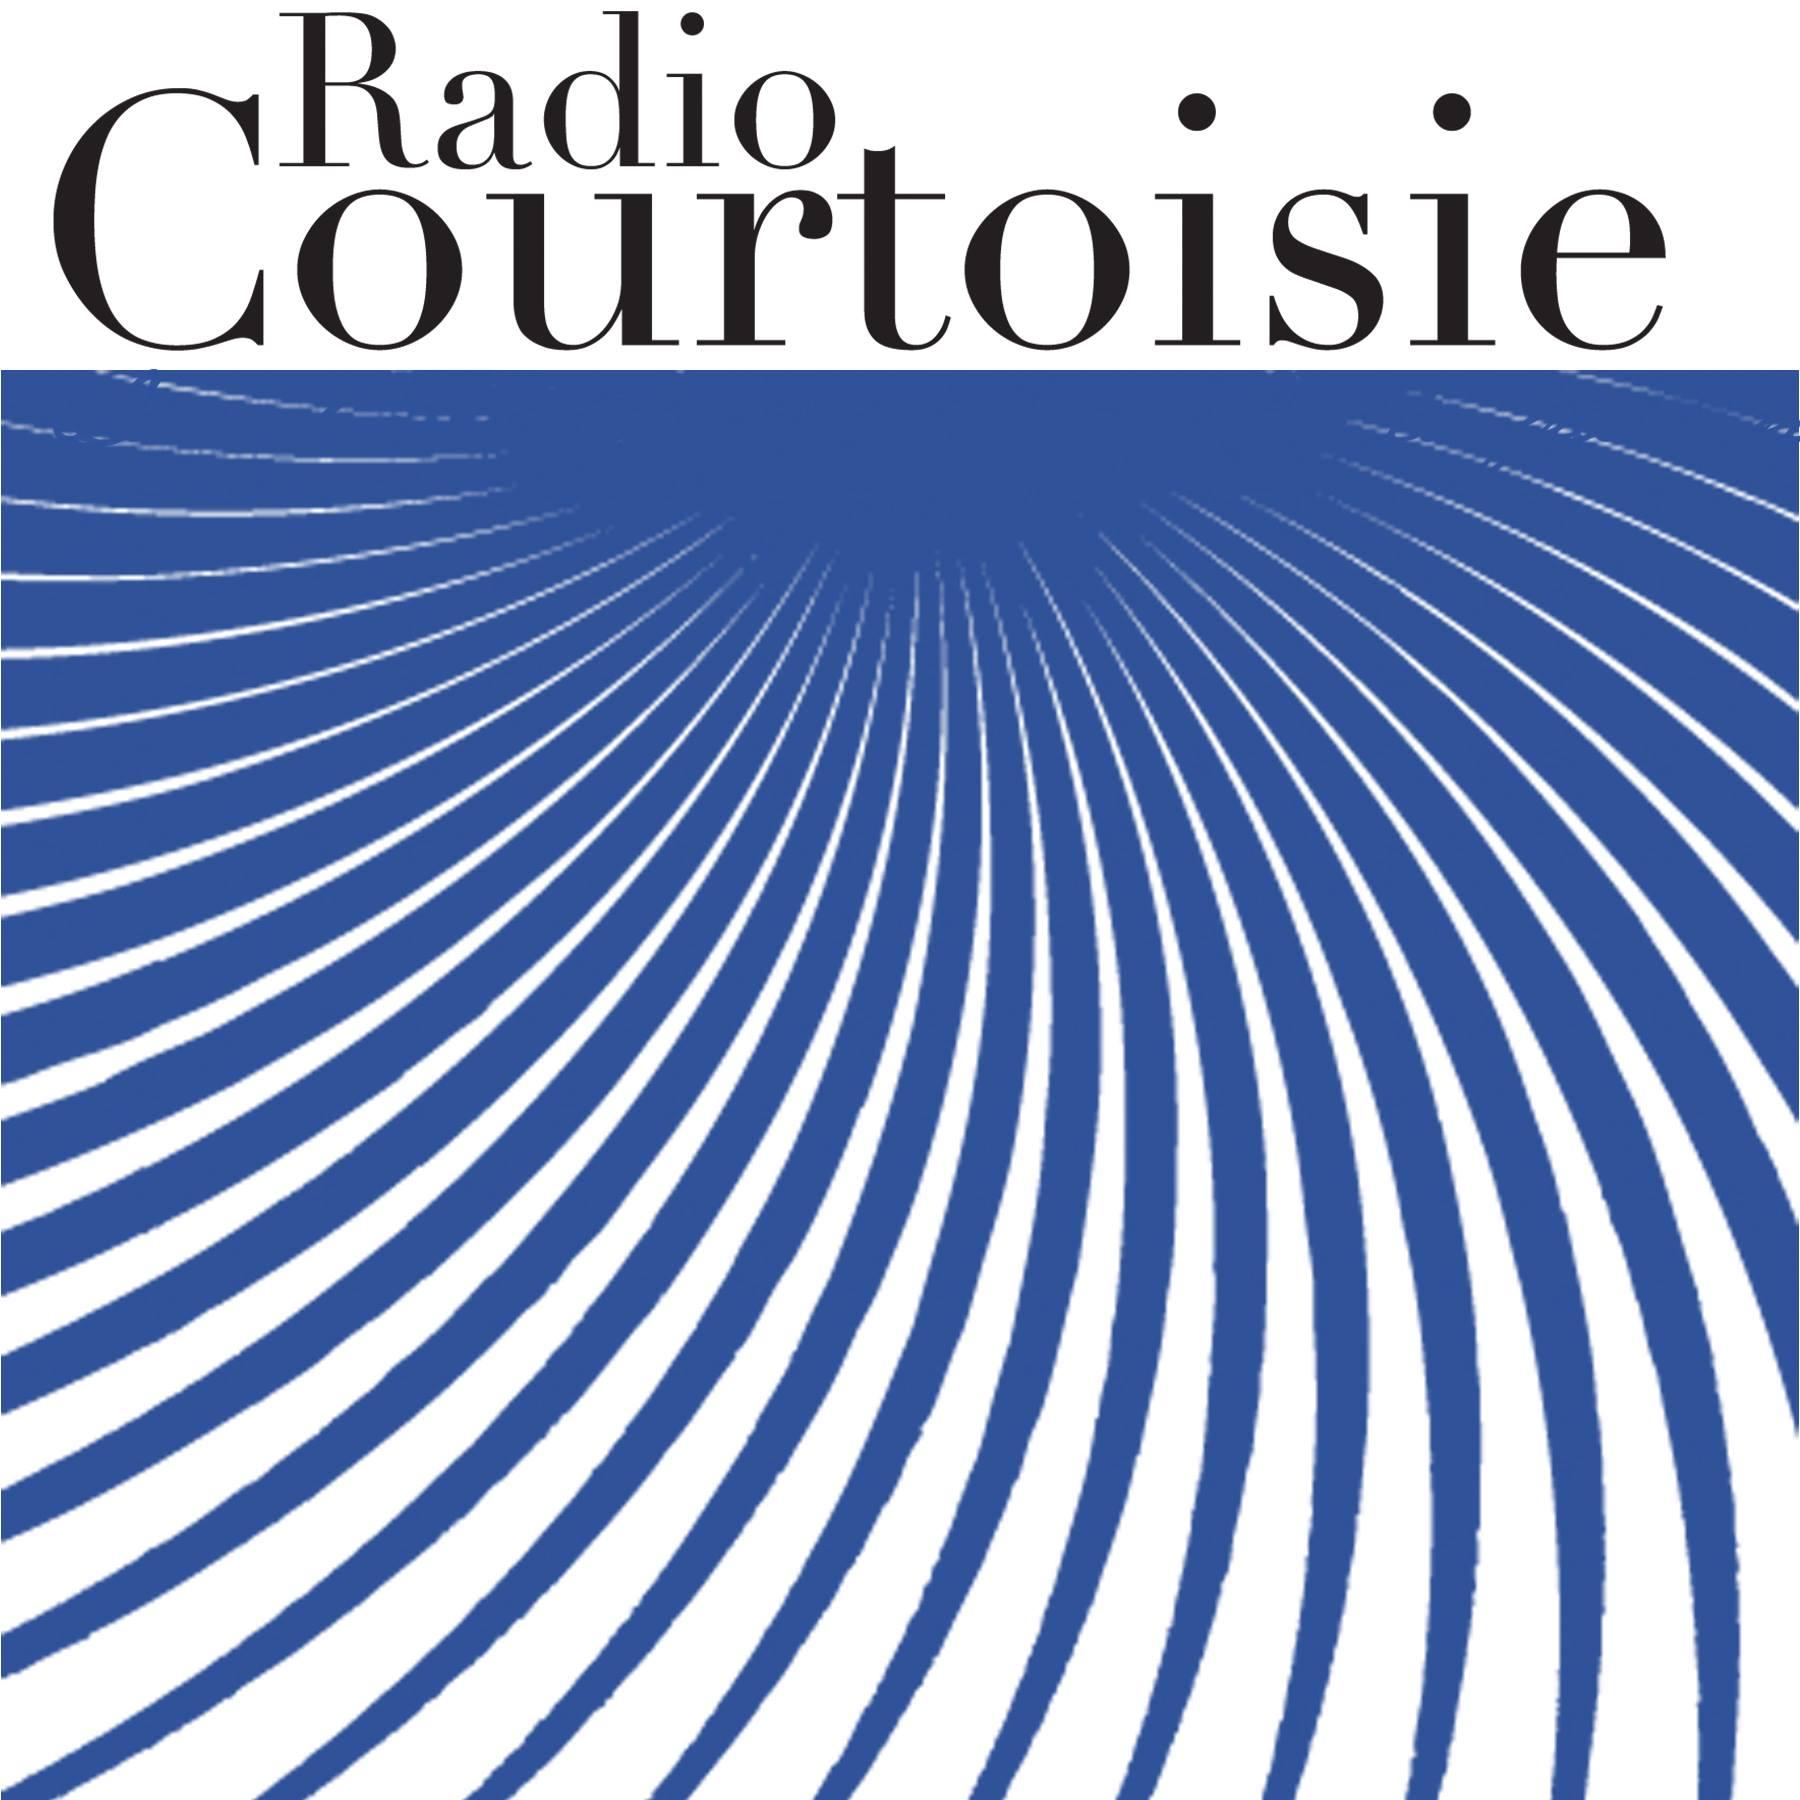 Radio Courtoisie lourdement condamnée par la CSA